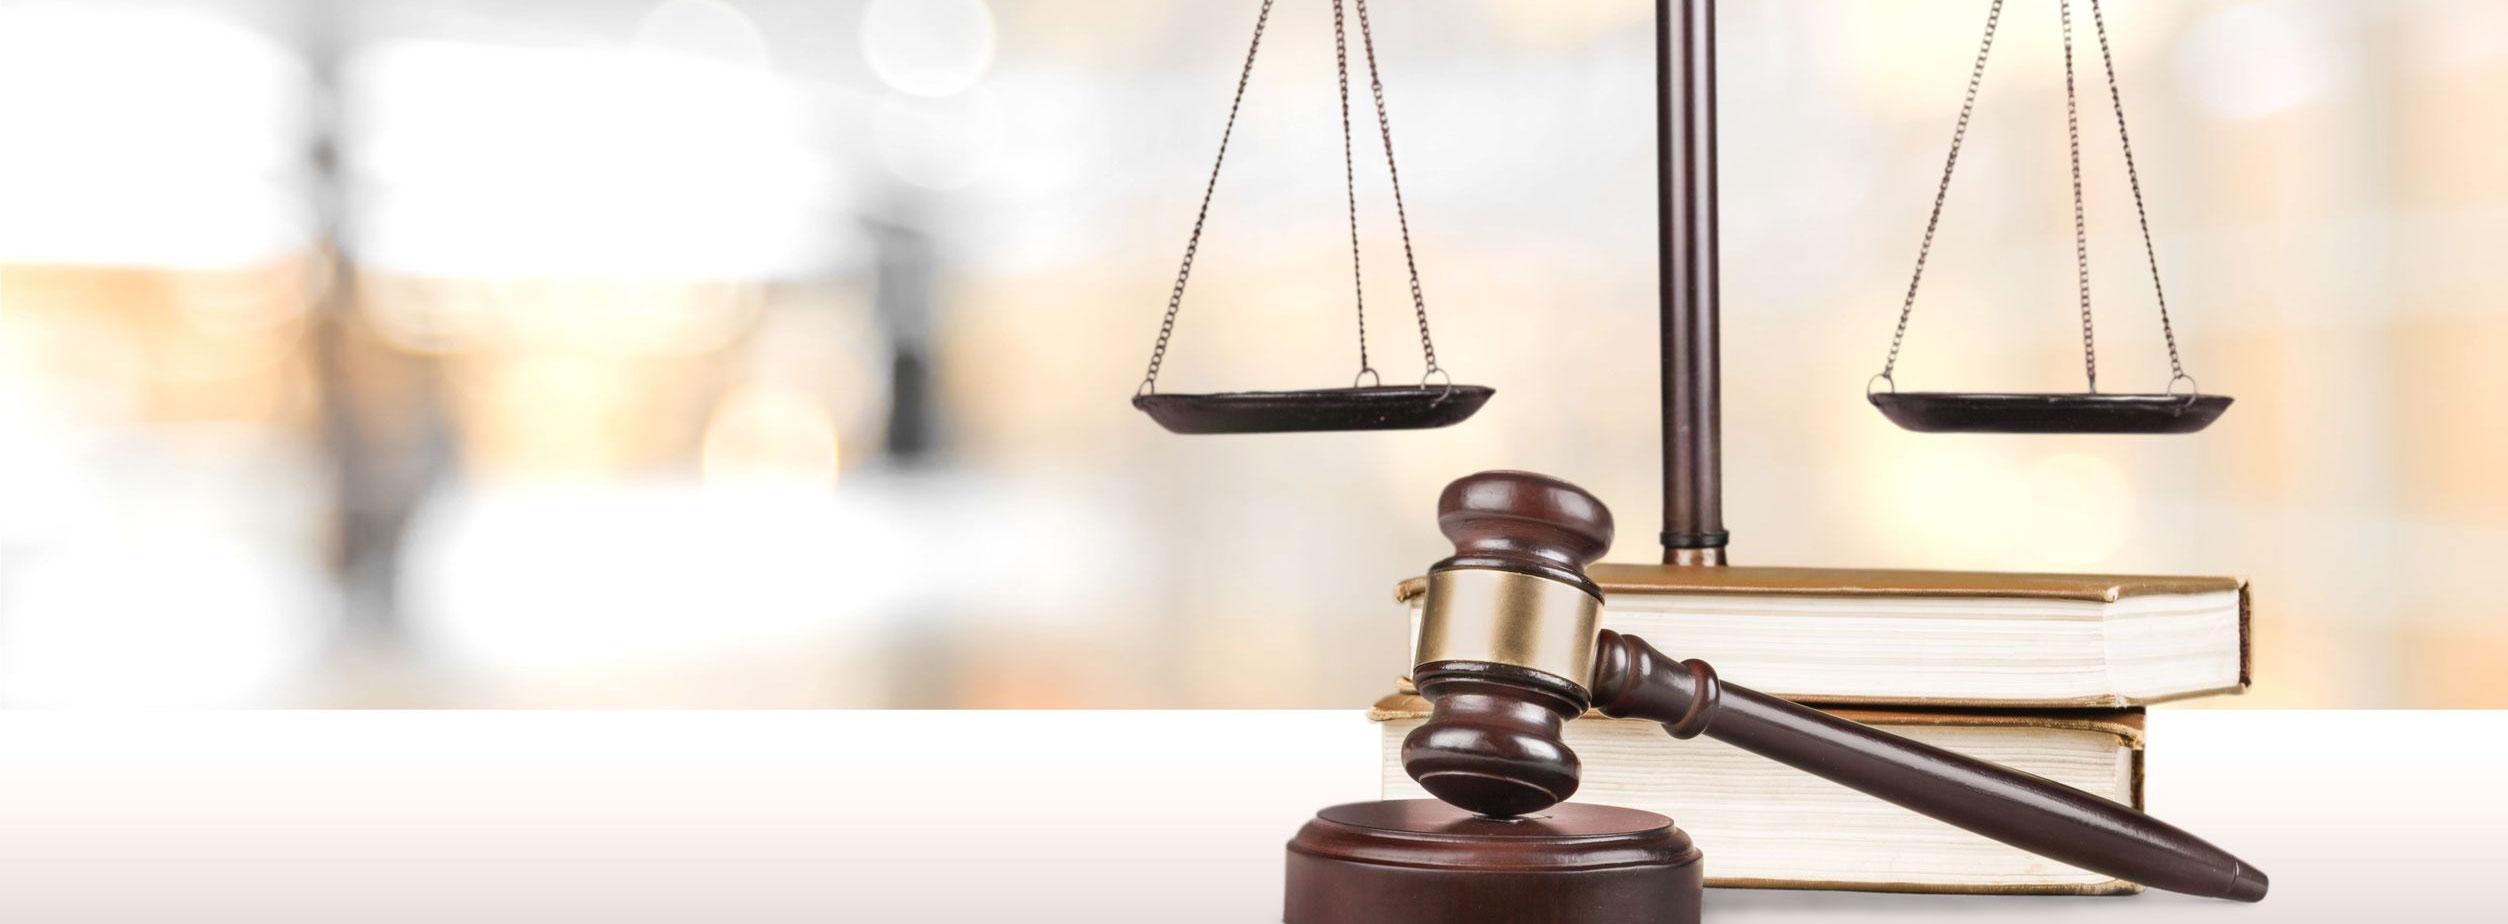 経験豊富な弁護士が質の高いサービスを提供いたします